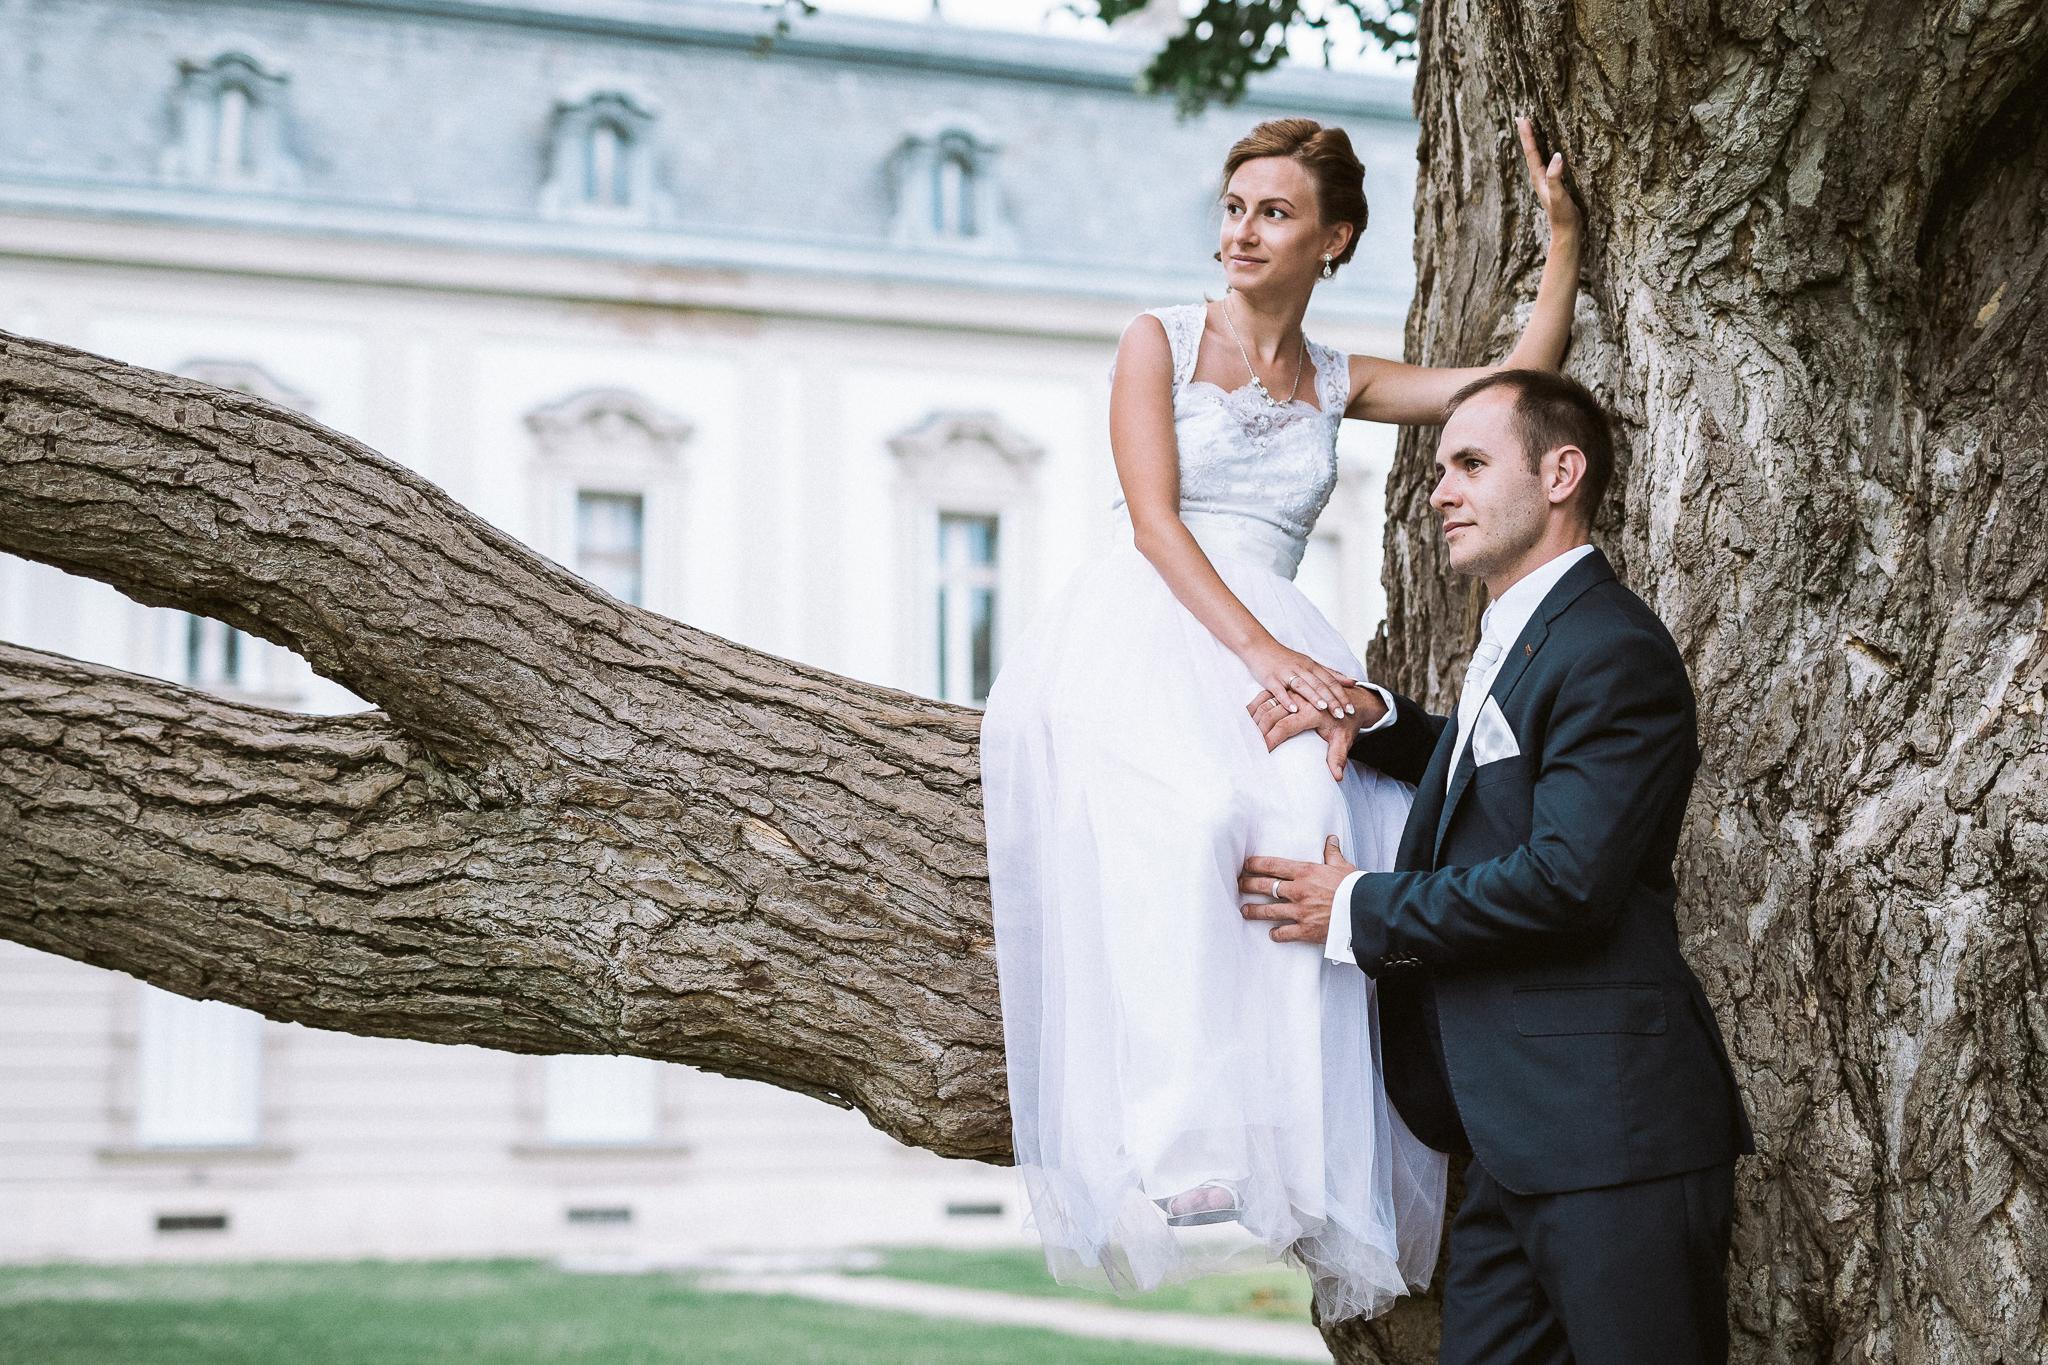 FylepPhoto, esküvőfotós, esküvői fotós Körmend, Szombathely, esküvőfotózás, magyarország, vas megye, prémium, jegyesfotózás, Fülöp Péter, körmend, kreatív, fotográfus_09-2.jpg